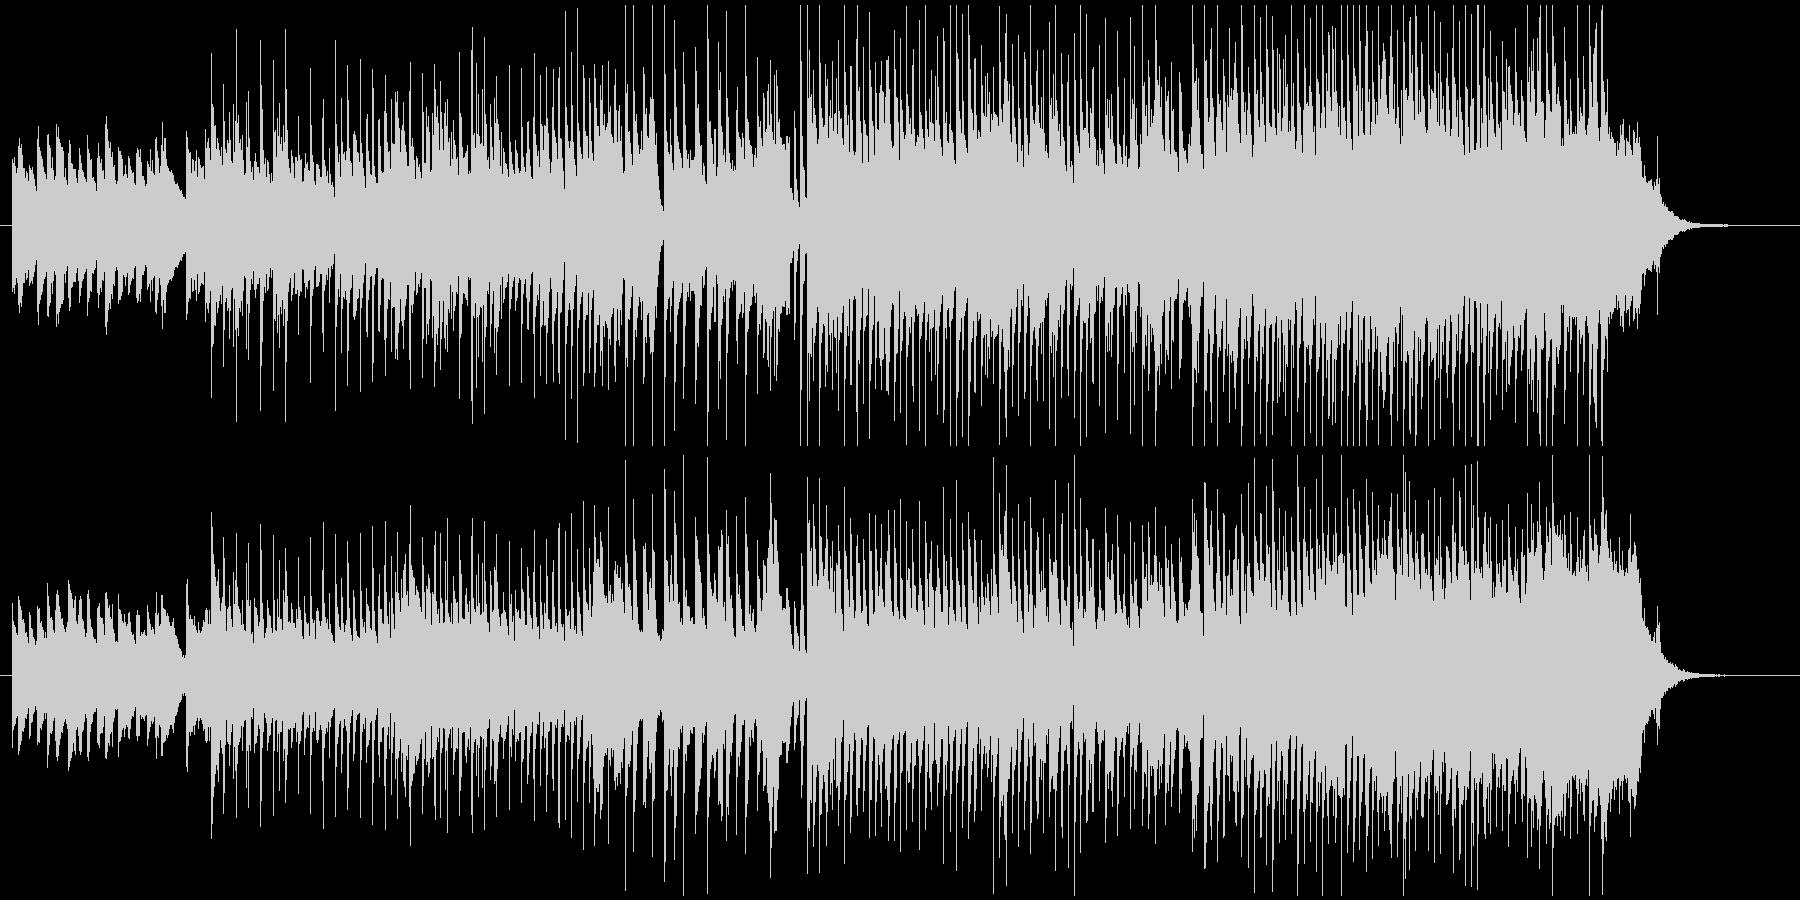 笑顔になる遊び心がたくさん詰まった音楽♪の未再生の波形